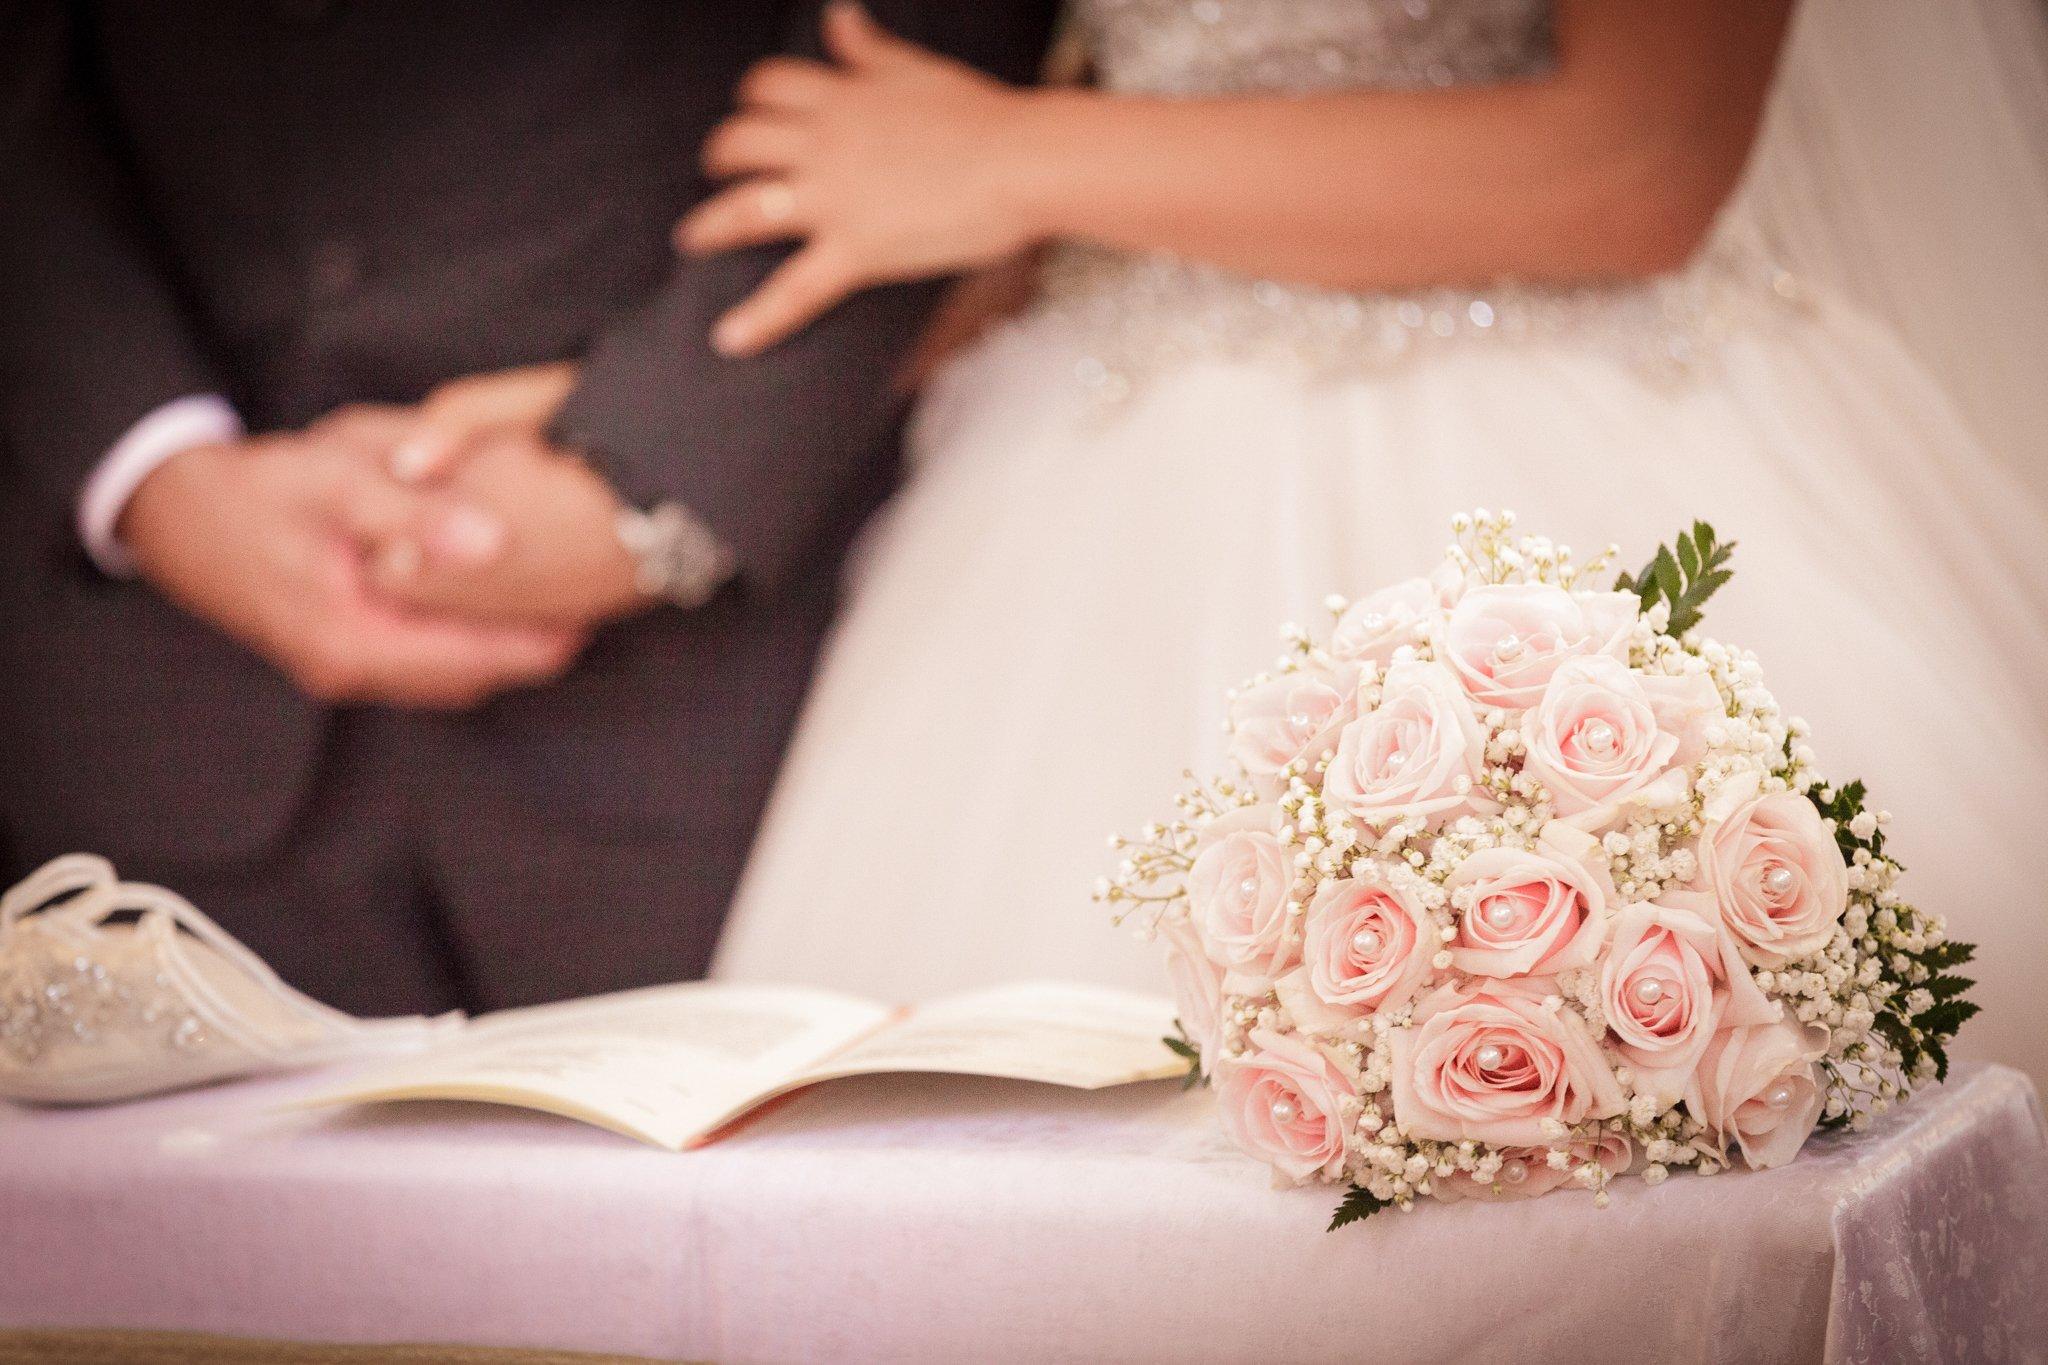 Matrimonio Gipsy Significato : Matrimonio boho chic come organizzarlo